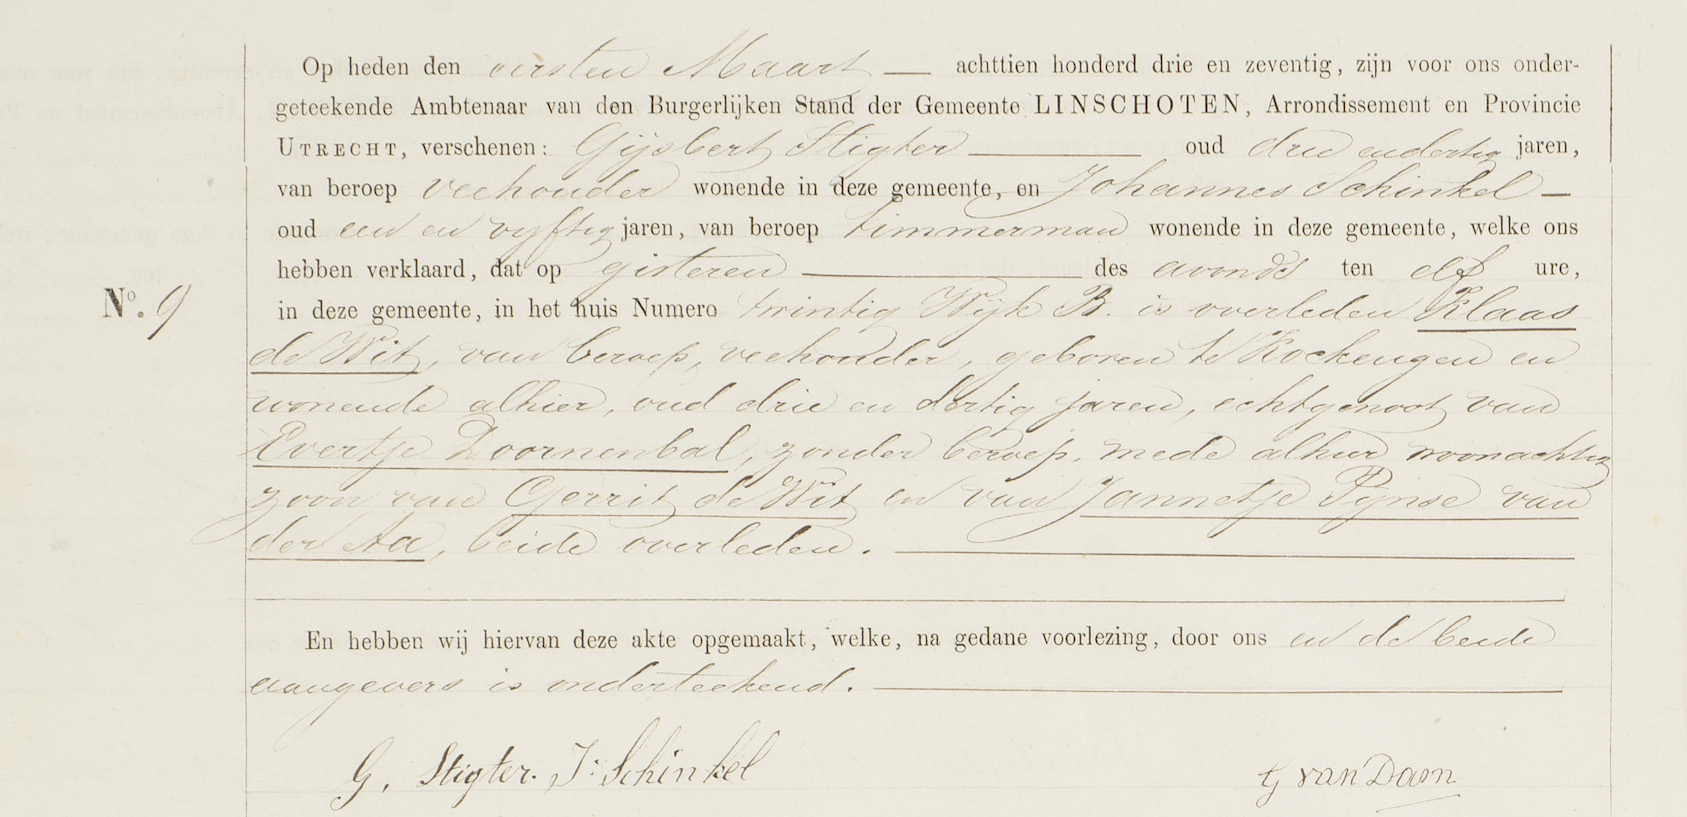 Overlijdensakte Klaas Wit, opgesteld te Linschoten den eersten Maart 1873